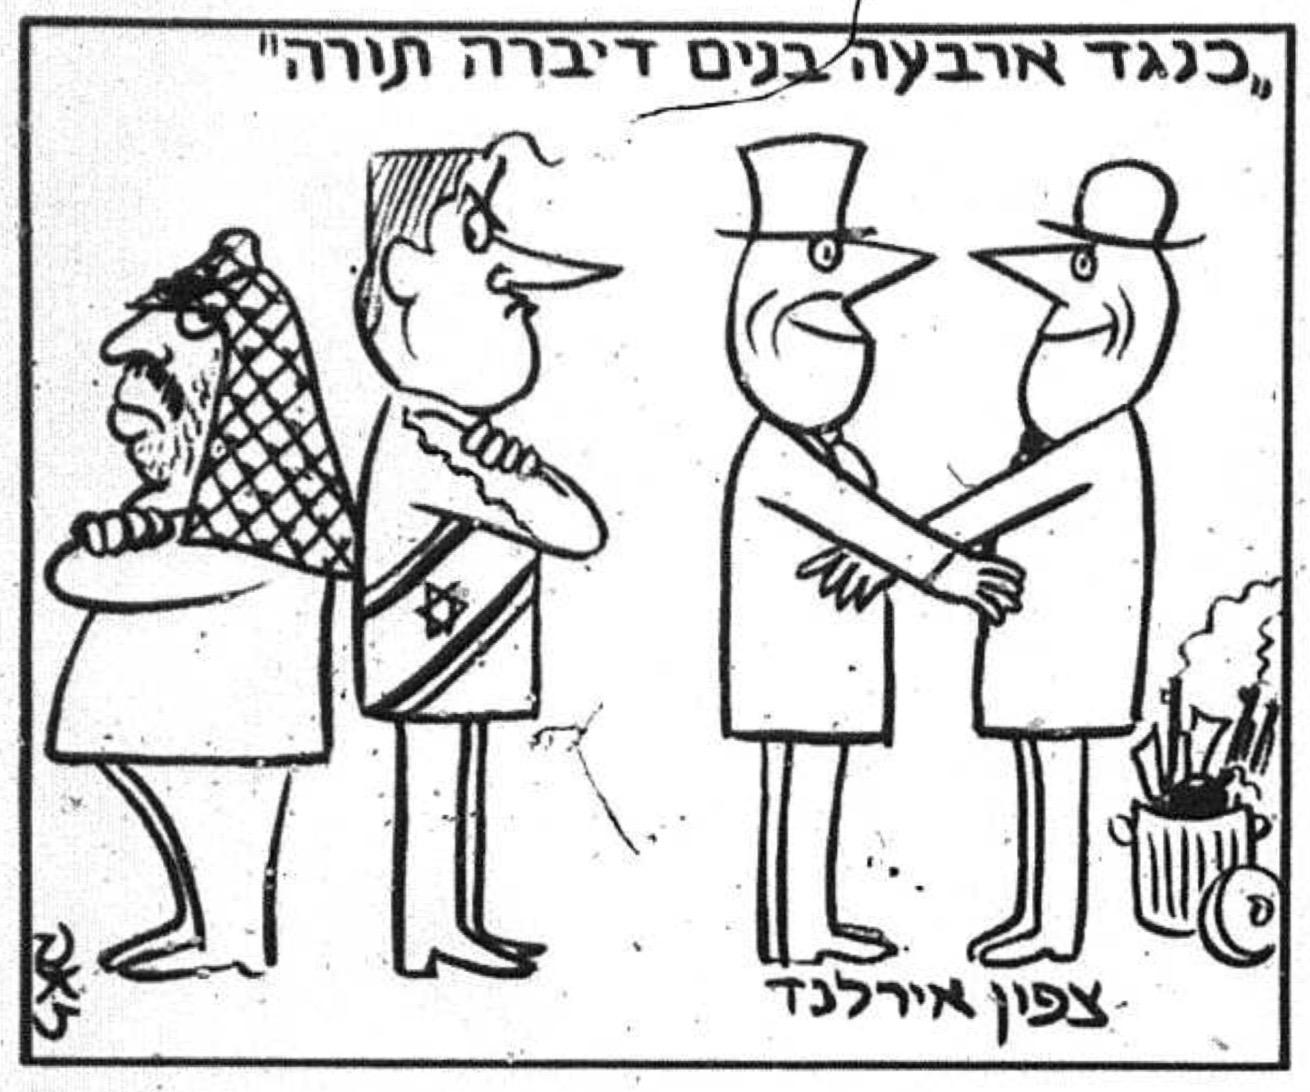 13 April 1998 - Cartoon